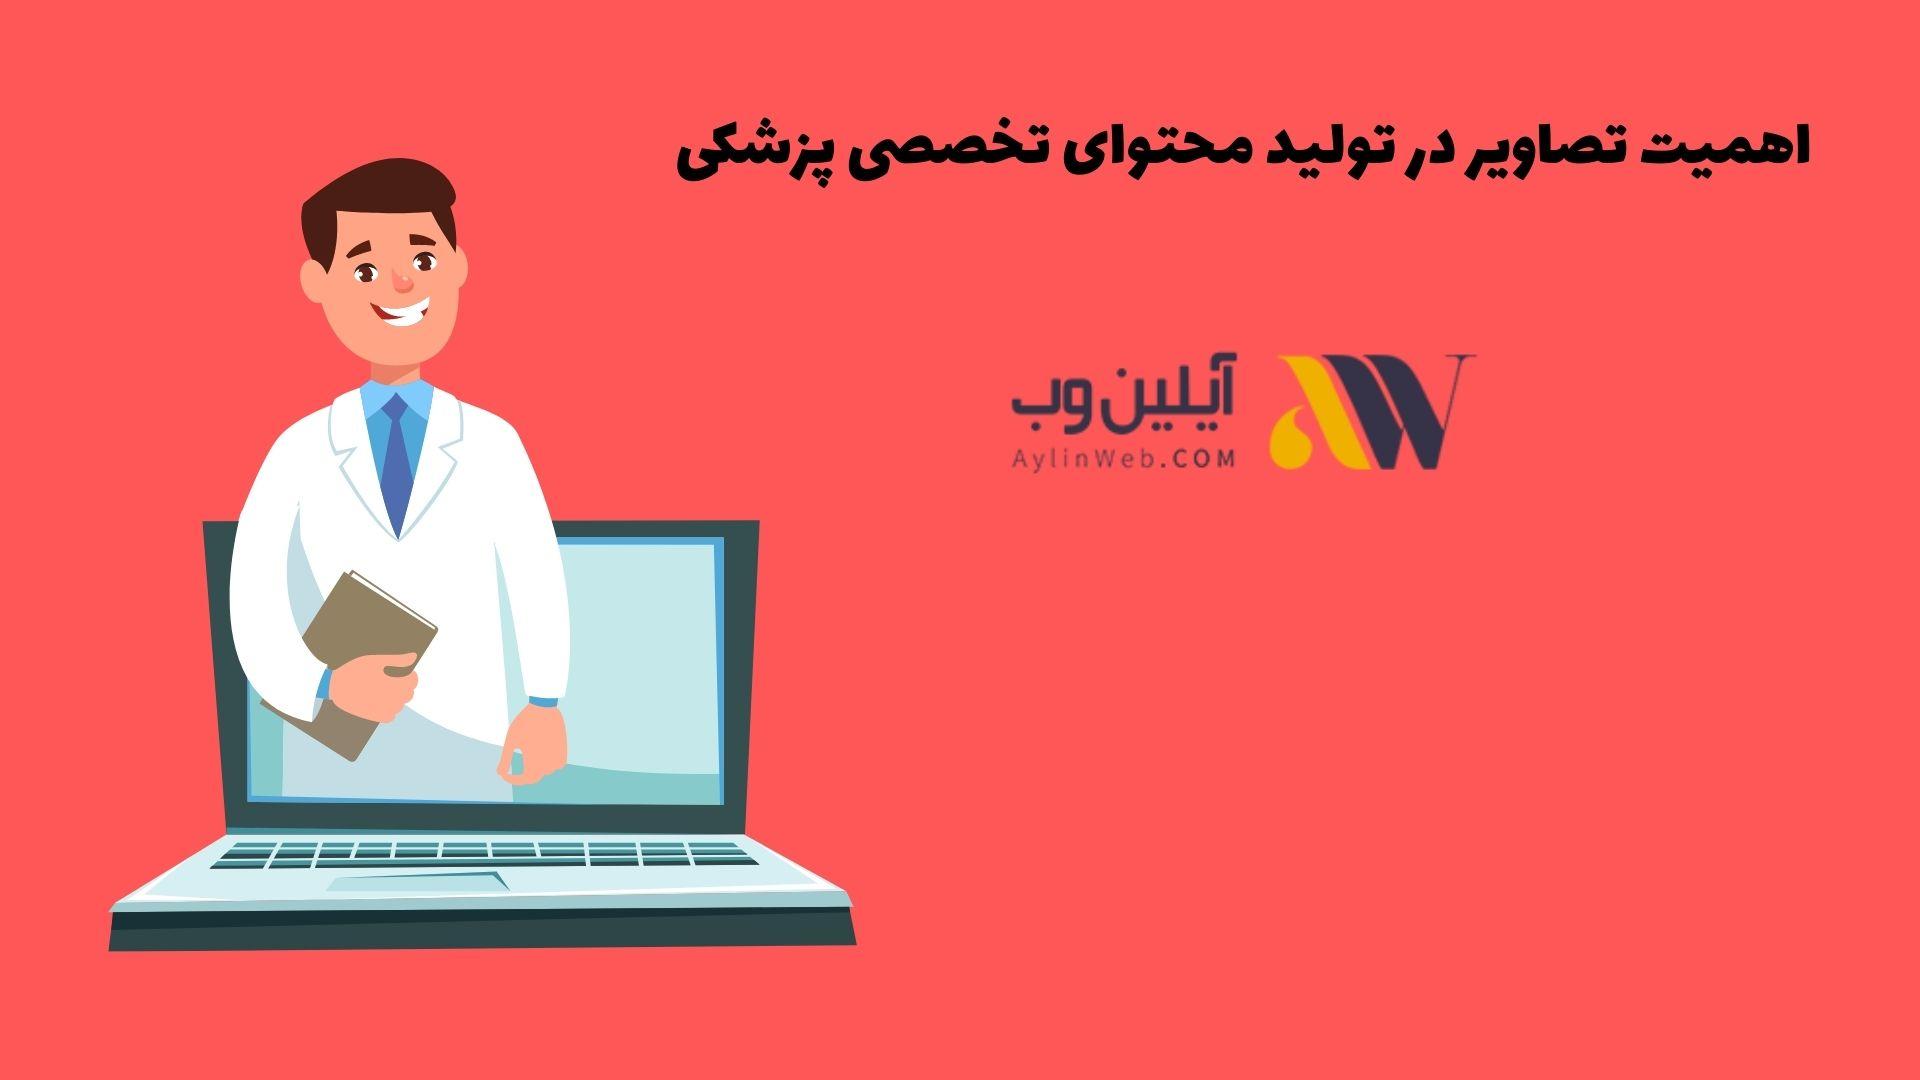 اهمیت تصاویر در تولید محتوای تخصصی پزشکی